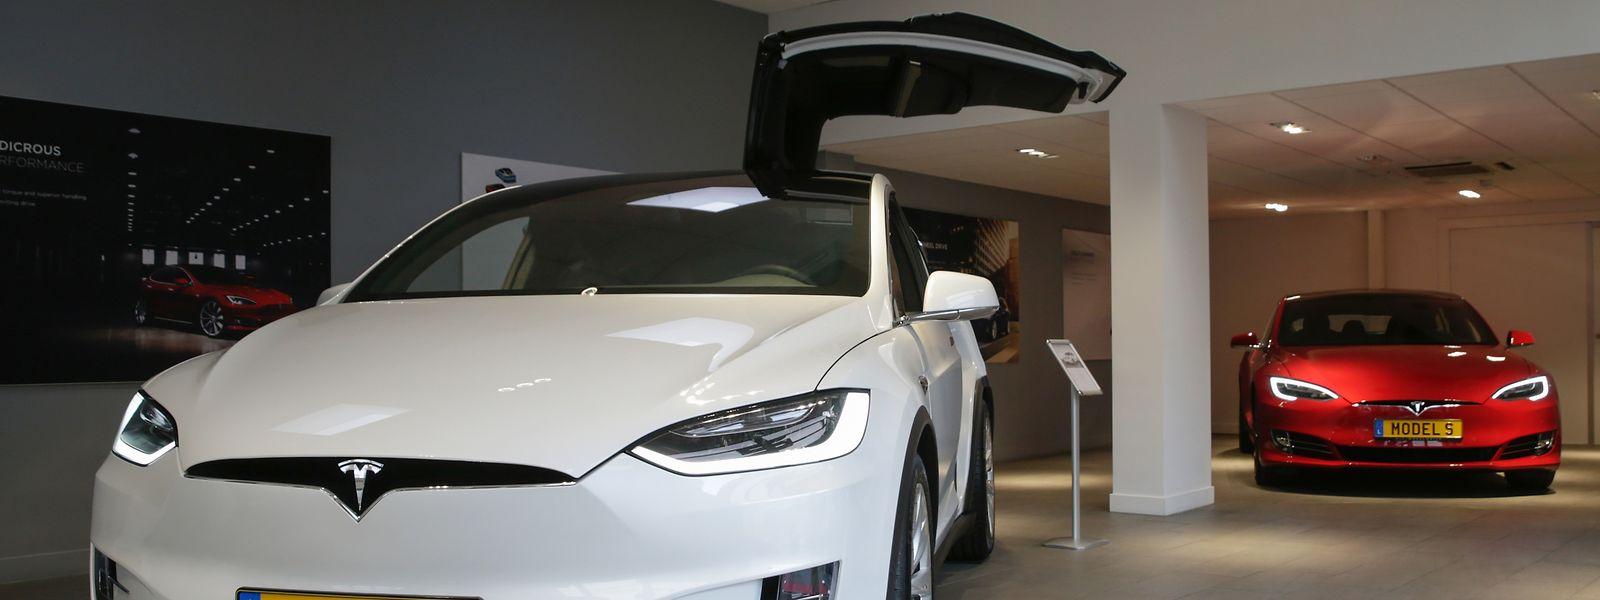 Die Flügeltüren des Tesla X (links) würden es erlauben, Verbrecher schneller ins Fahrzeug zu bugsieren, hat die schweizerische Presse festgestellt. Im Hintergrund ist die Zivilvariante des Tesla S. zu sehen, der für die Luxemburger Autobahnpolizei zum Streifenwagen umgerüstet wurde.